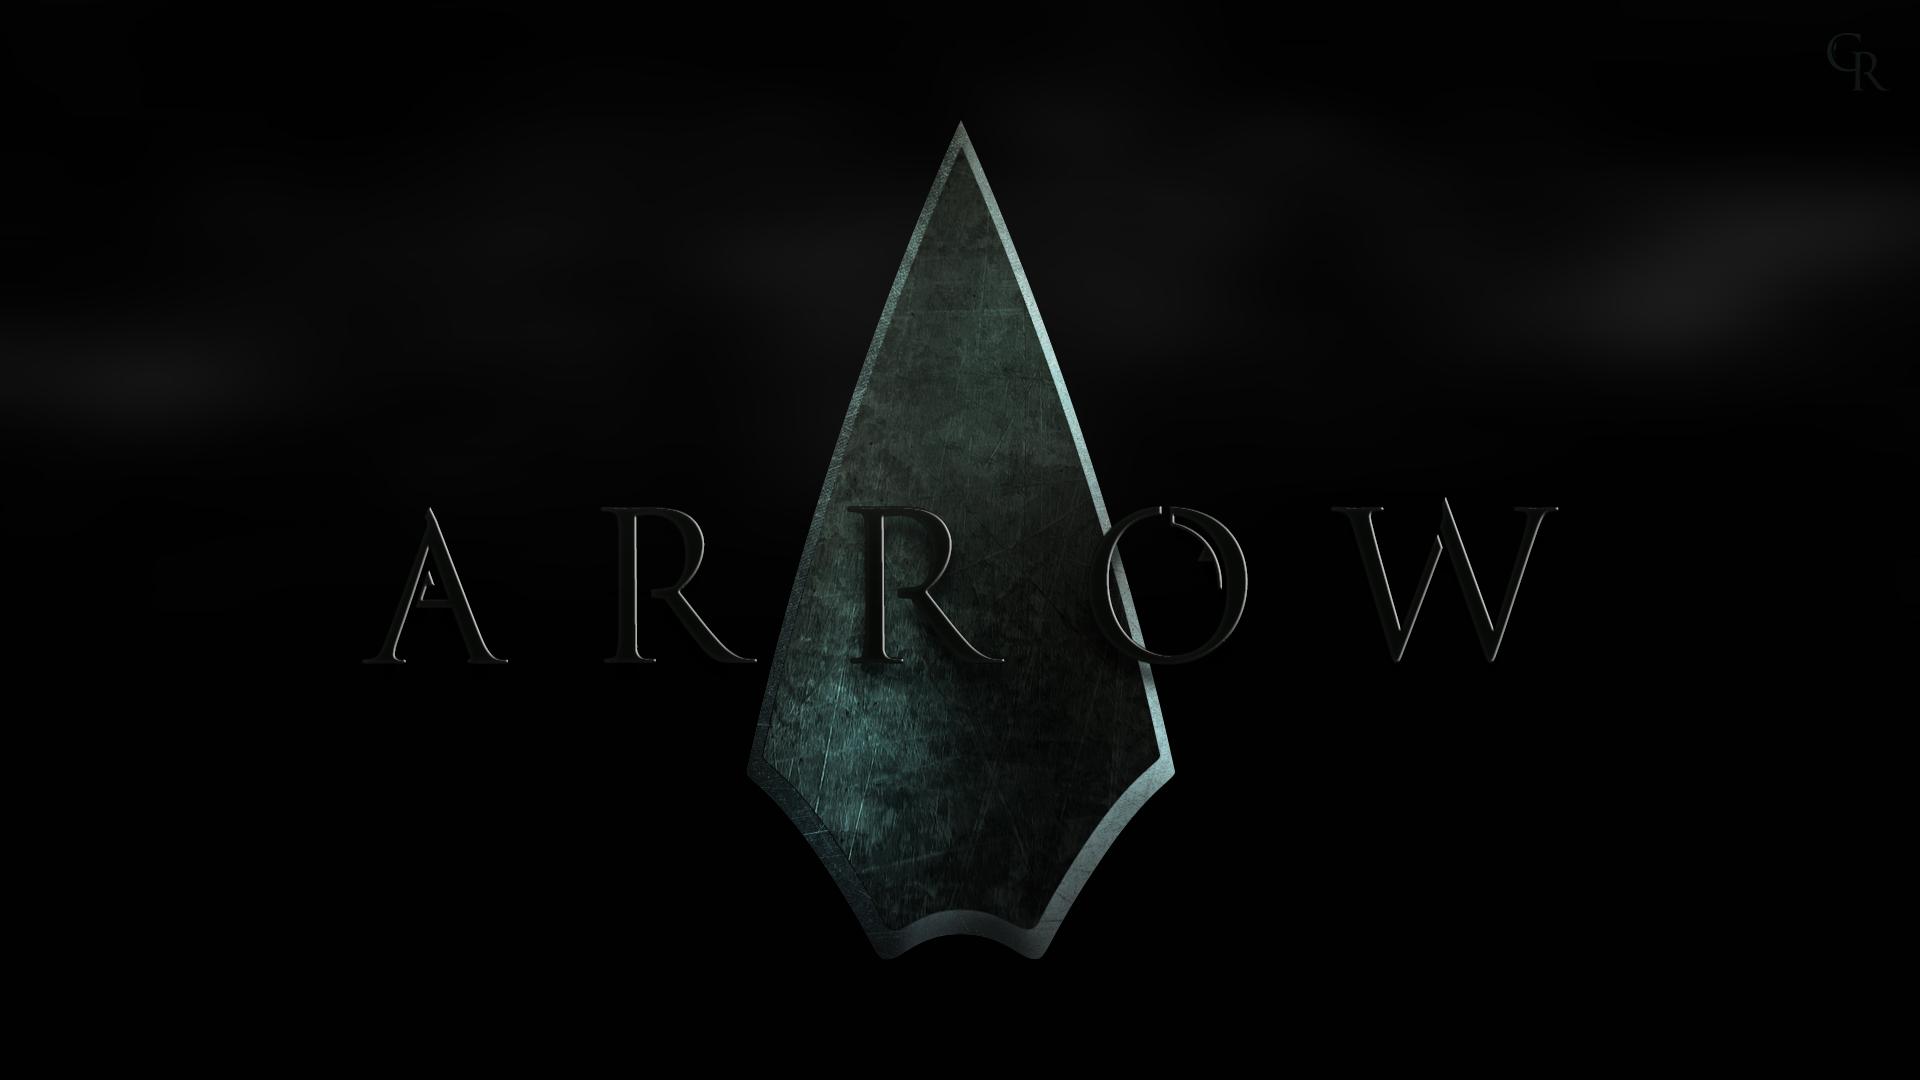 arrow wallpaper hd by goro112 on deviantart